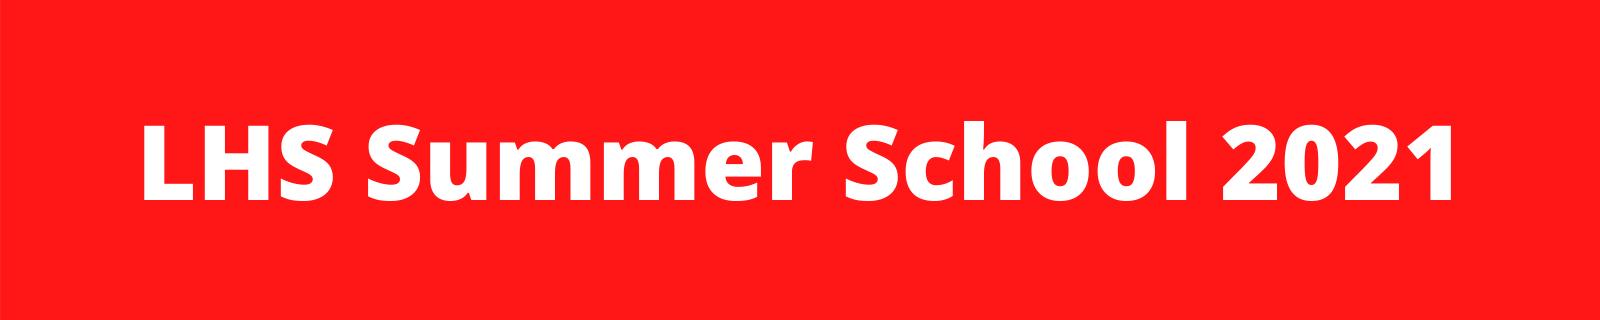 LHS Summer School Banner